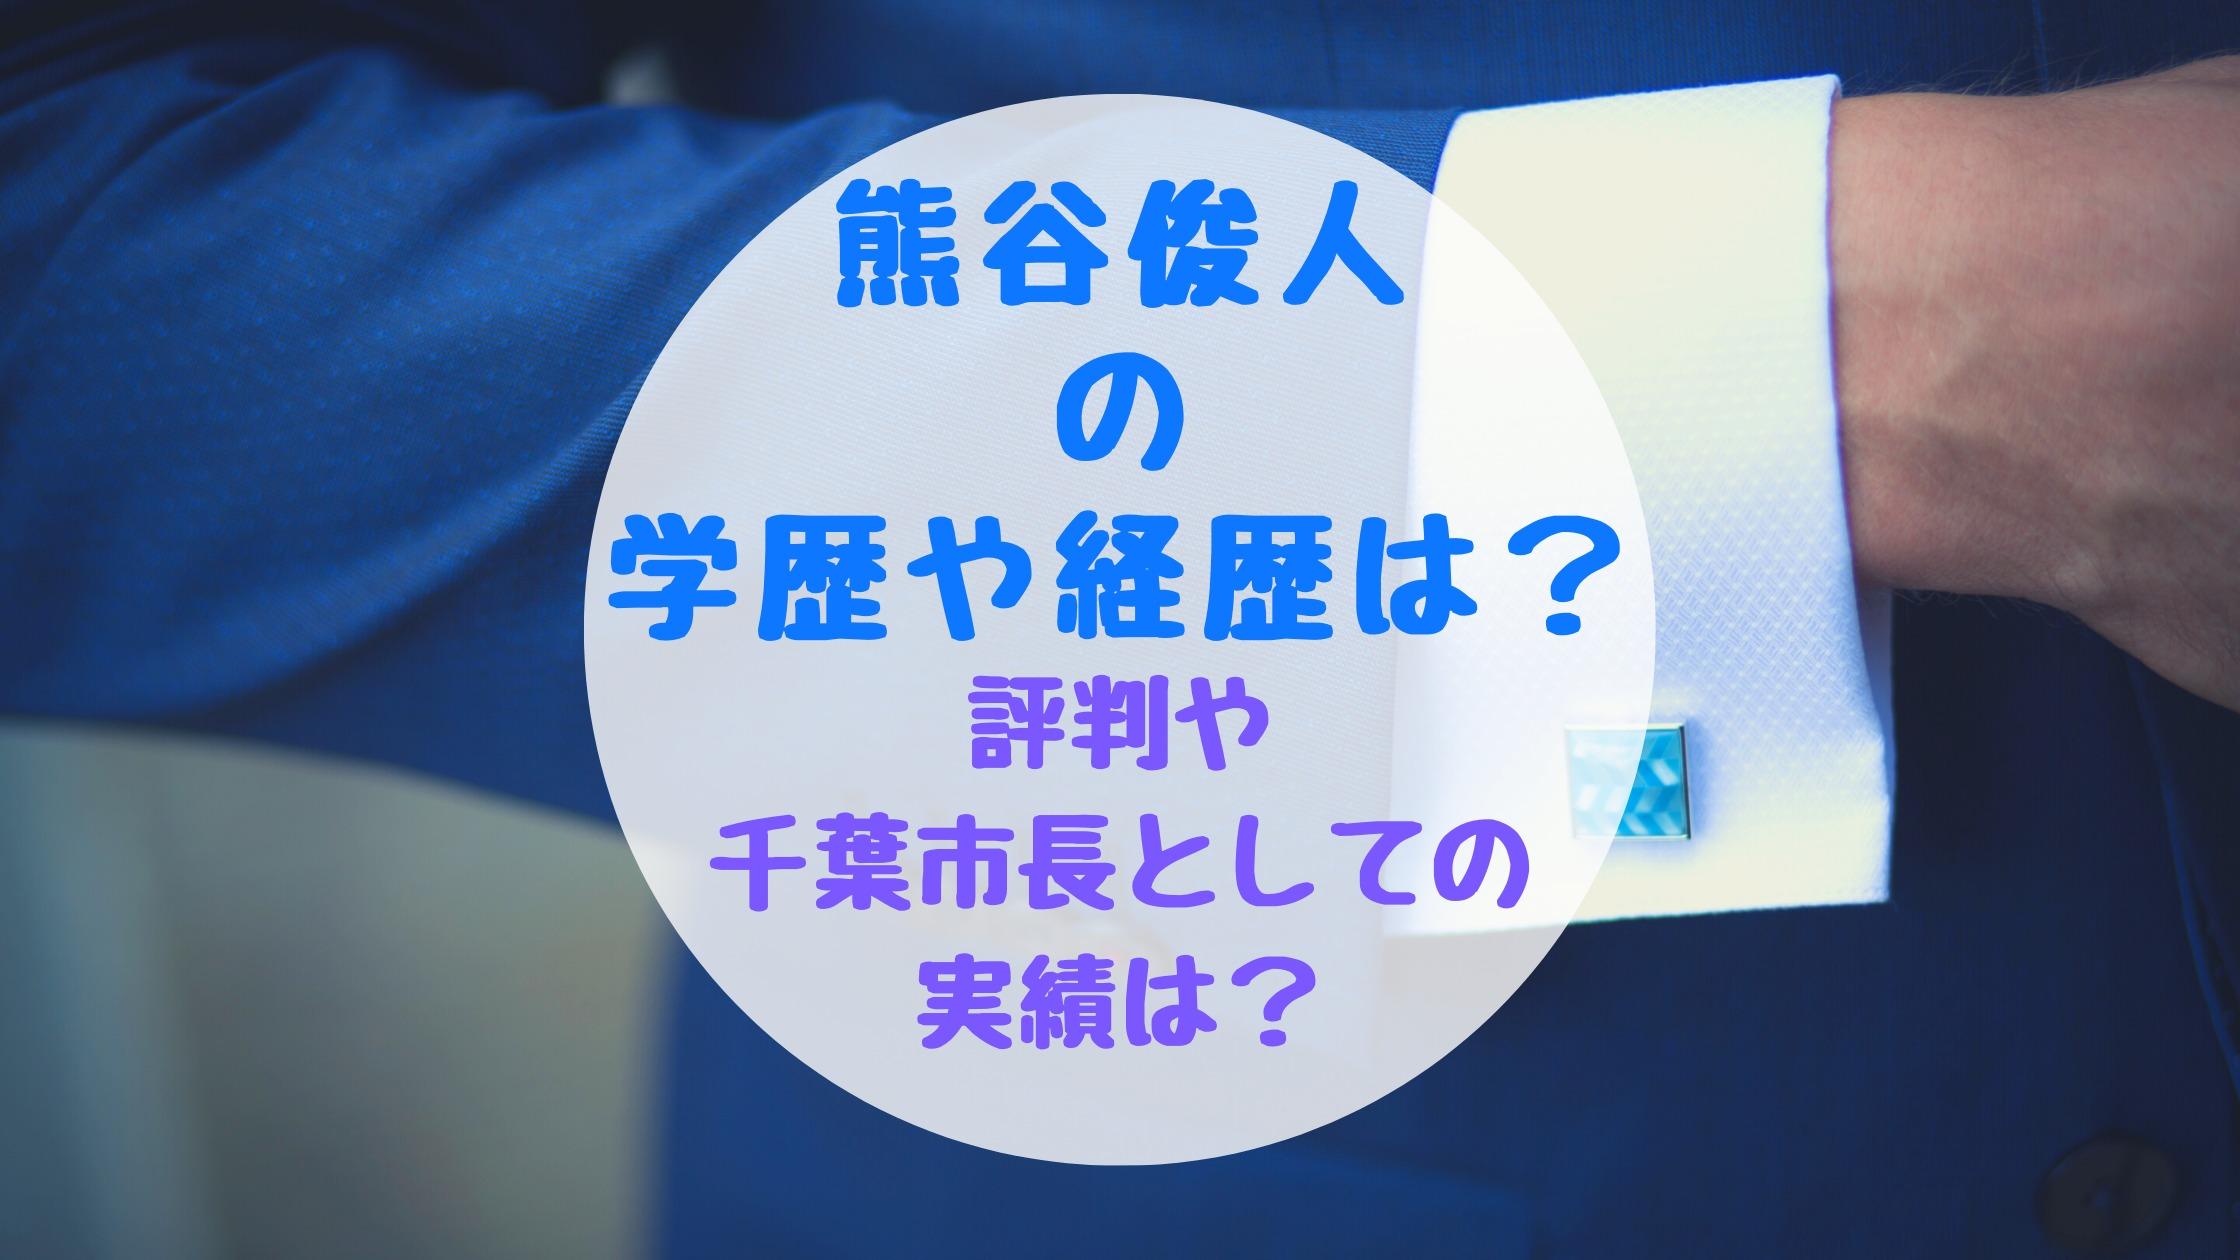 市長 千葉 市 ツイッター 熊谷 熊谷俊人 千葉市長の評判は?学歴・経歴と嫁や子供など家族についても!